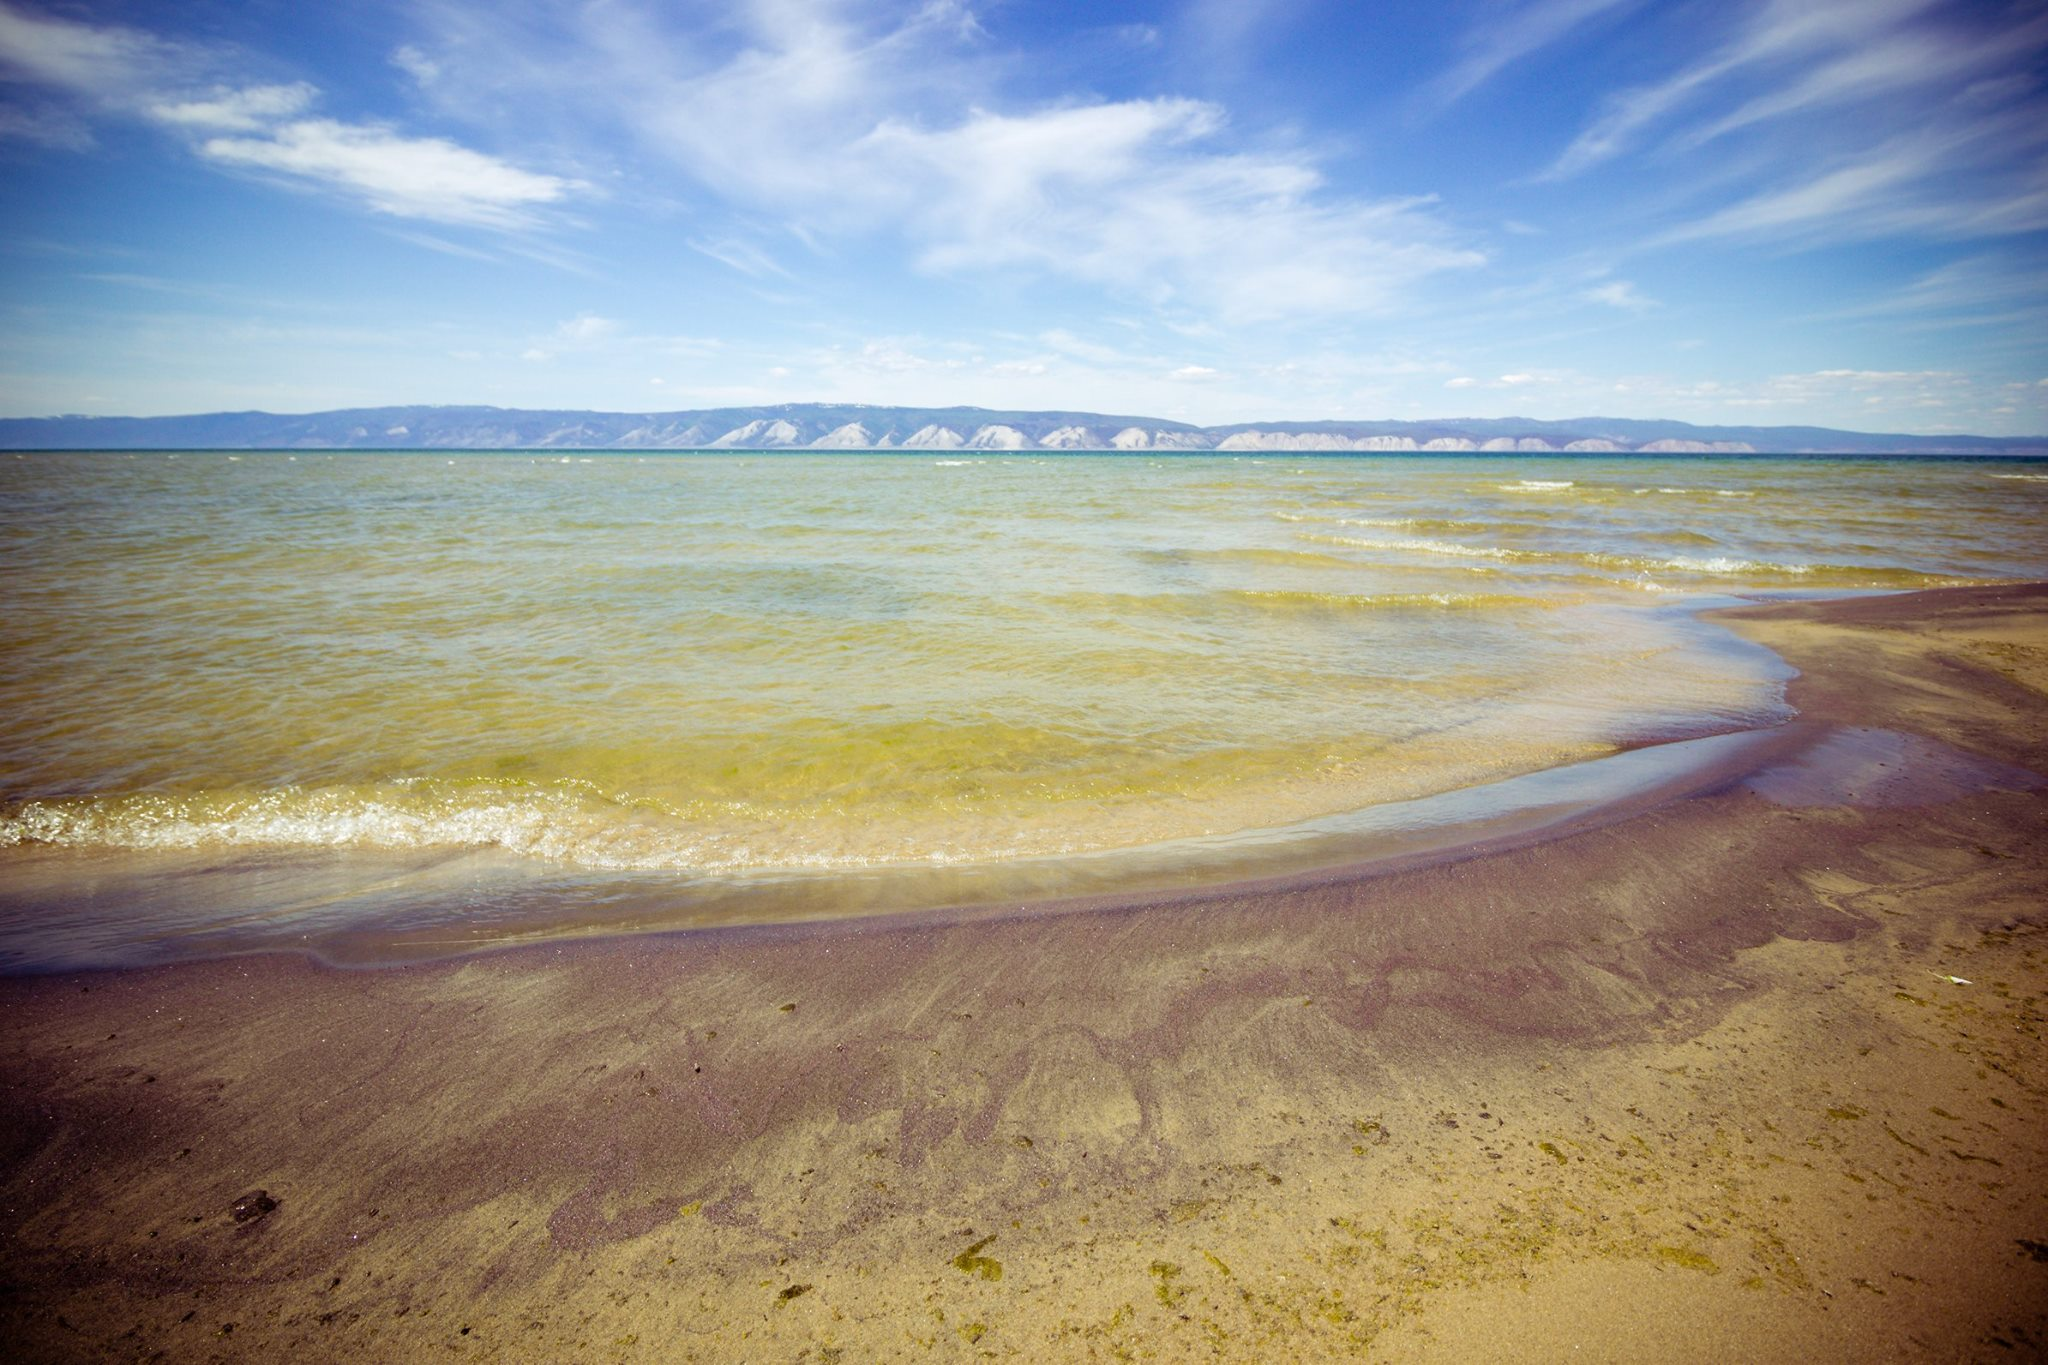 Днес с нарастващото количество водорасли, поради наличието на течни отпадъци от туристически обекти, сгради и индустриални учреждения, заплашва да наруши крехката екосистема на езерото.